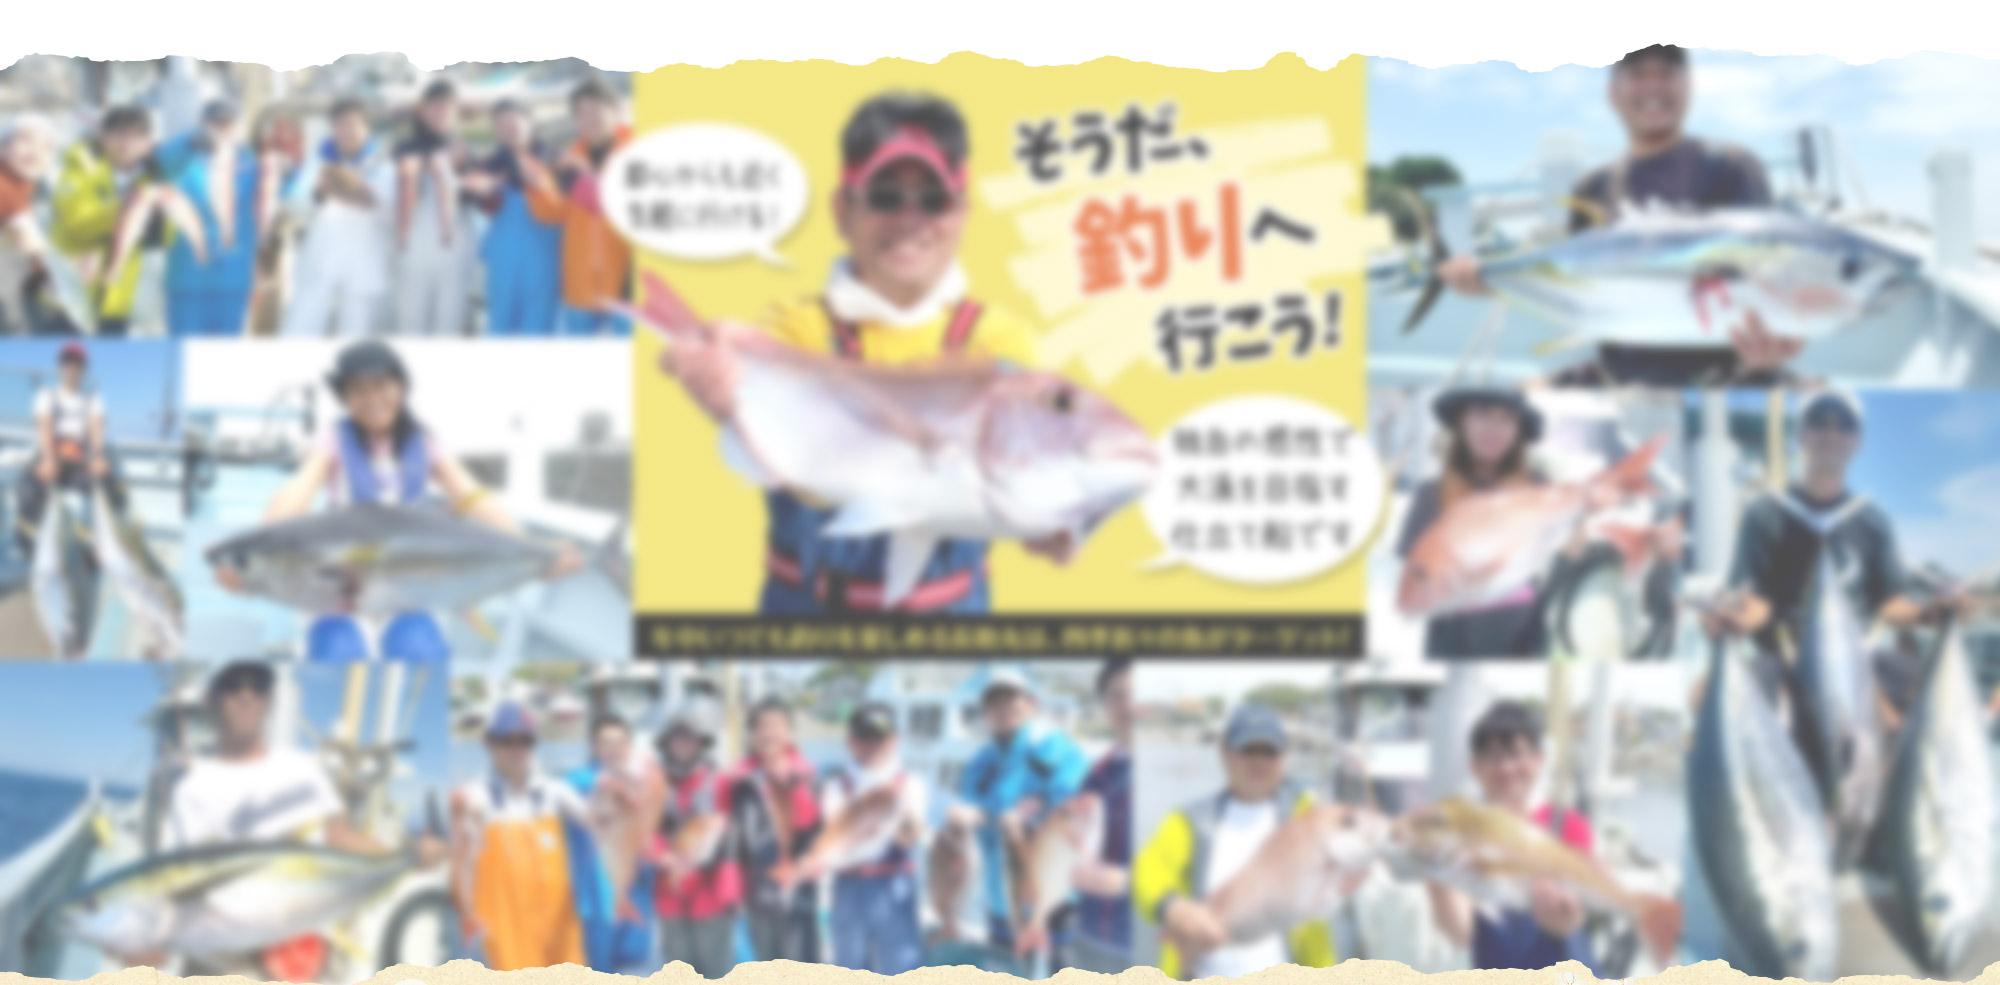 横須賀から 車で30分。船団に入らず、独自の感性で大漁を目指す、仕立て船です。